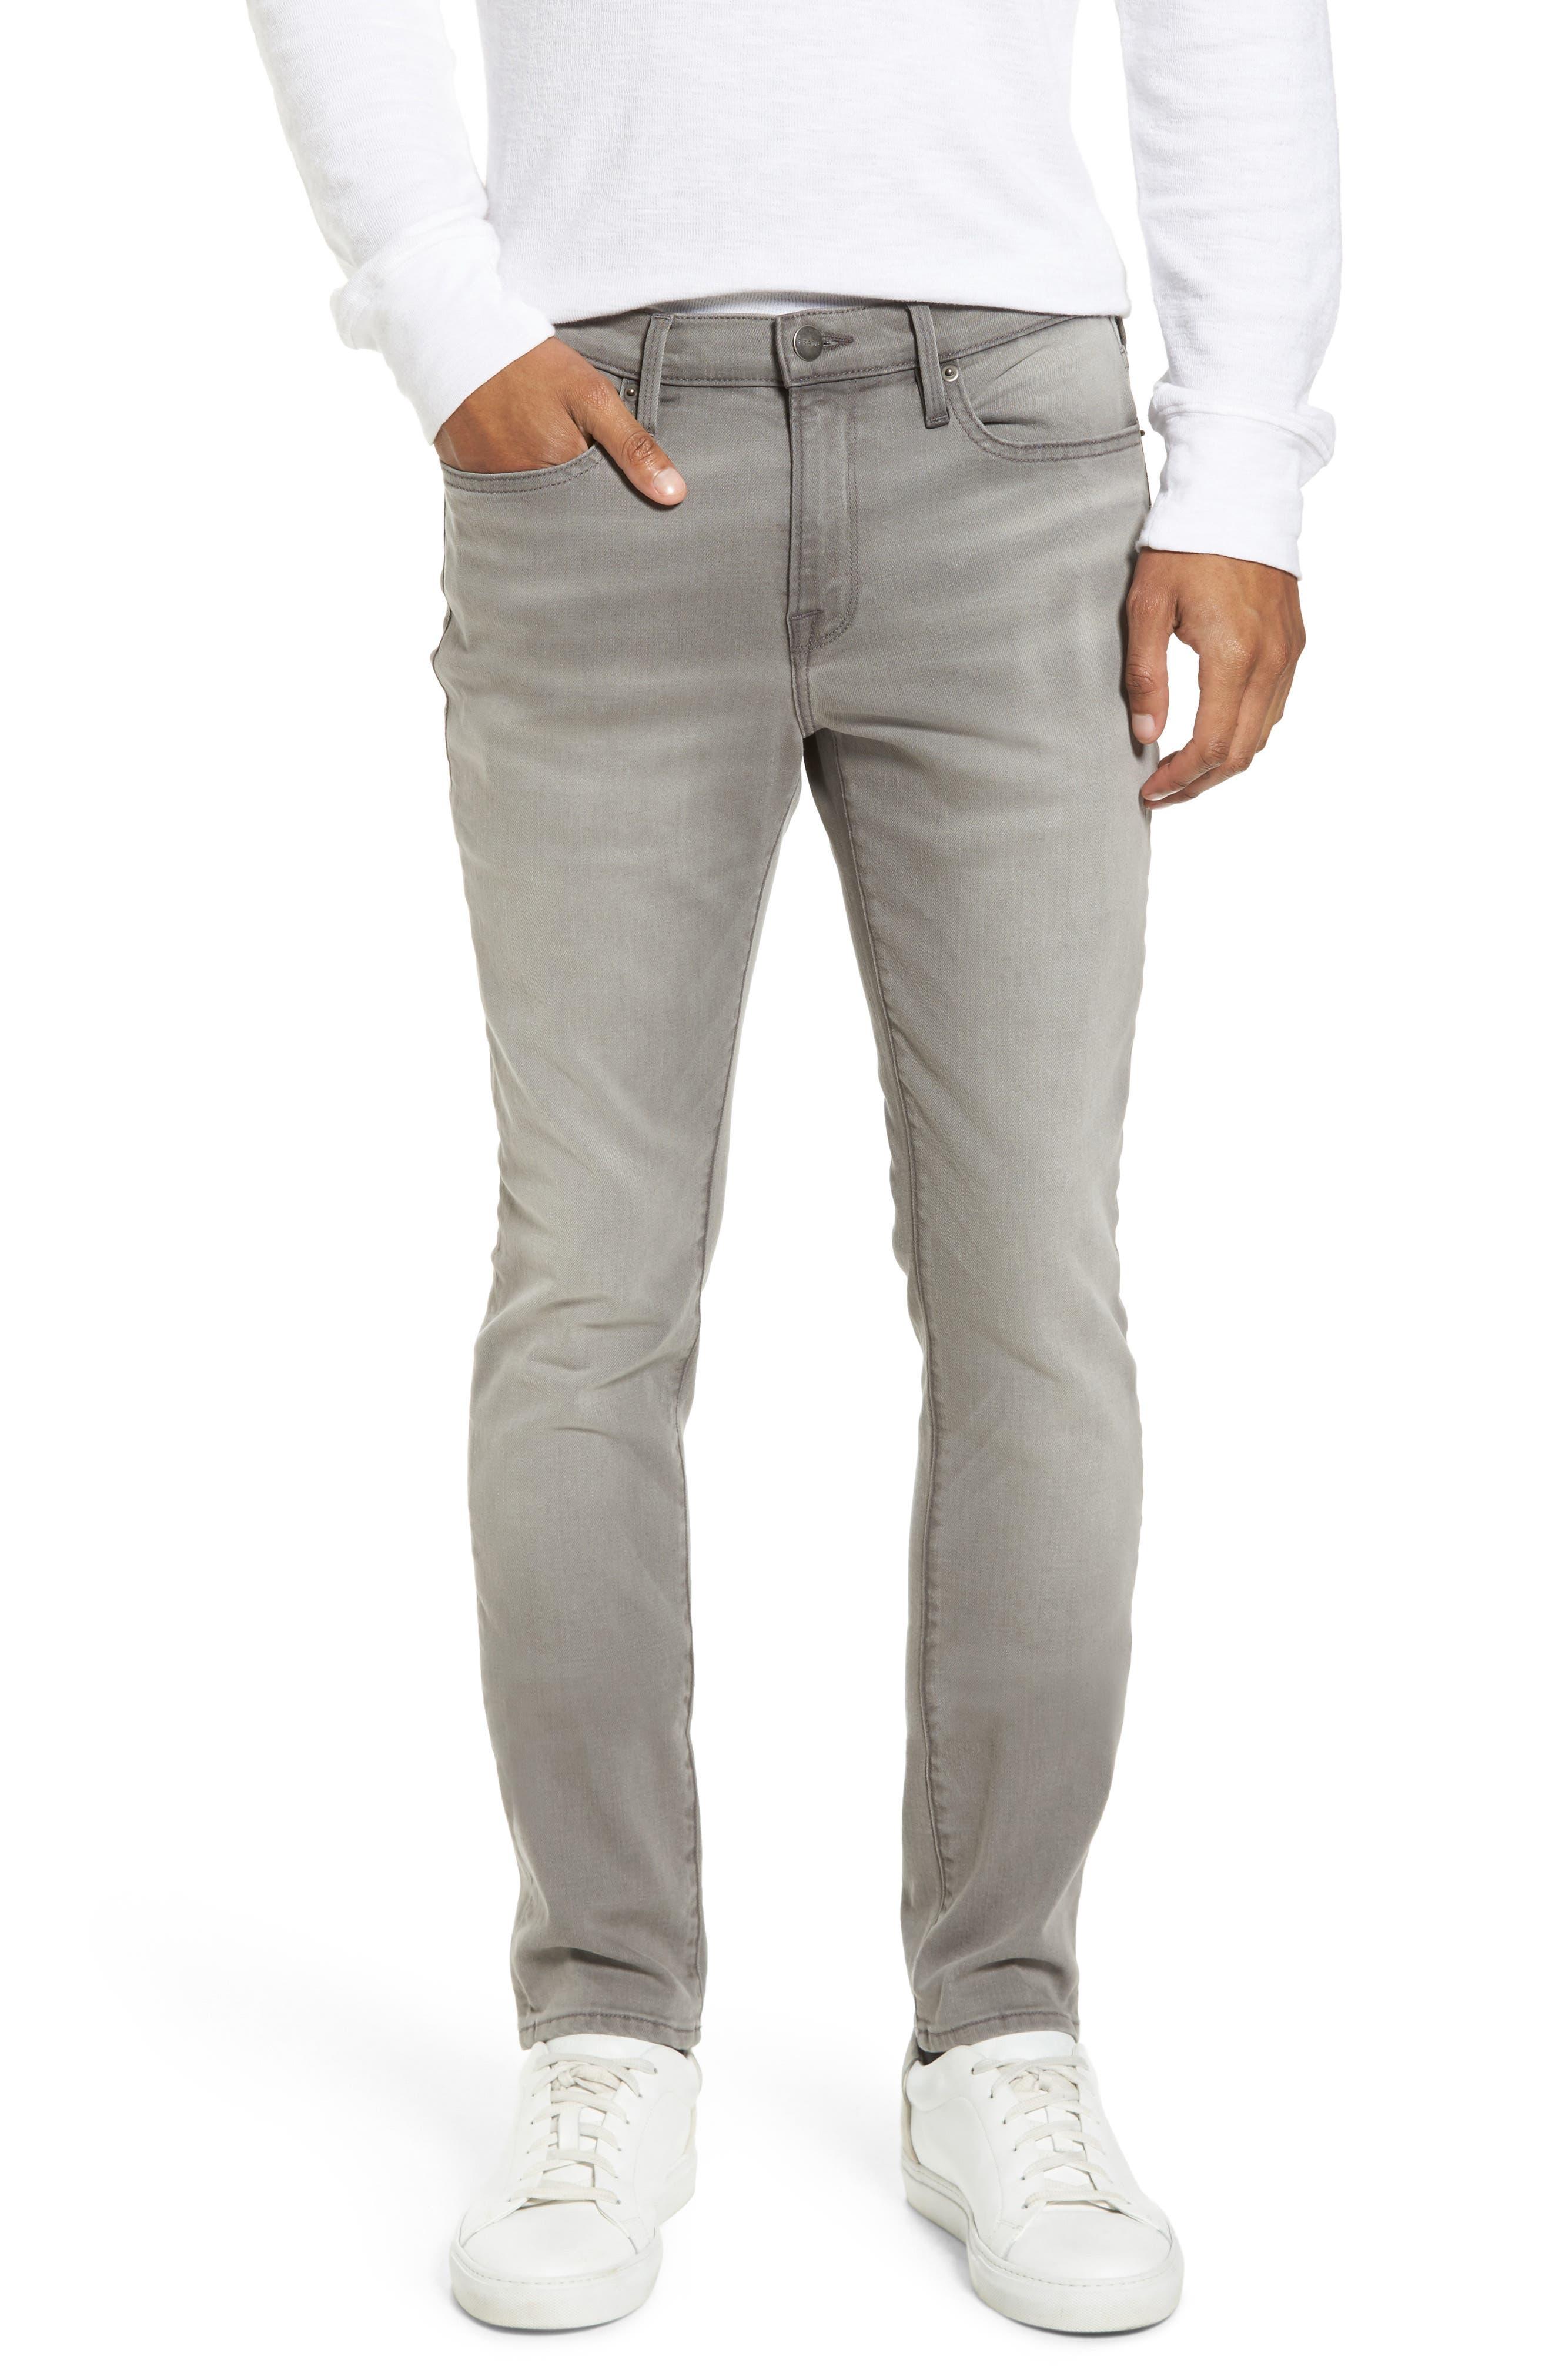 L'Homme Slim Fit Jeans,                         Main,                         color, Vineway